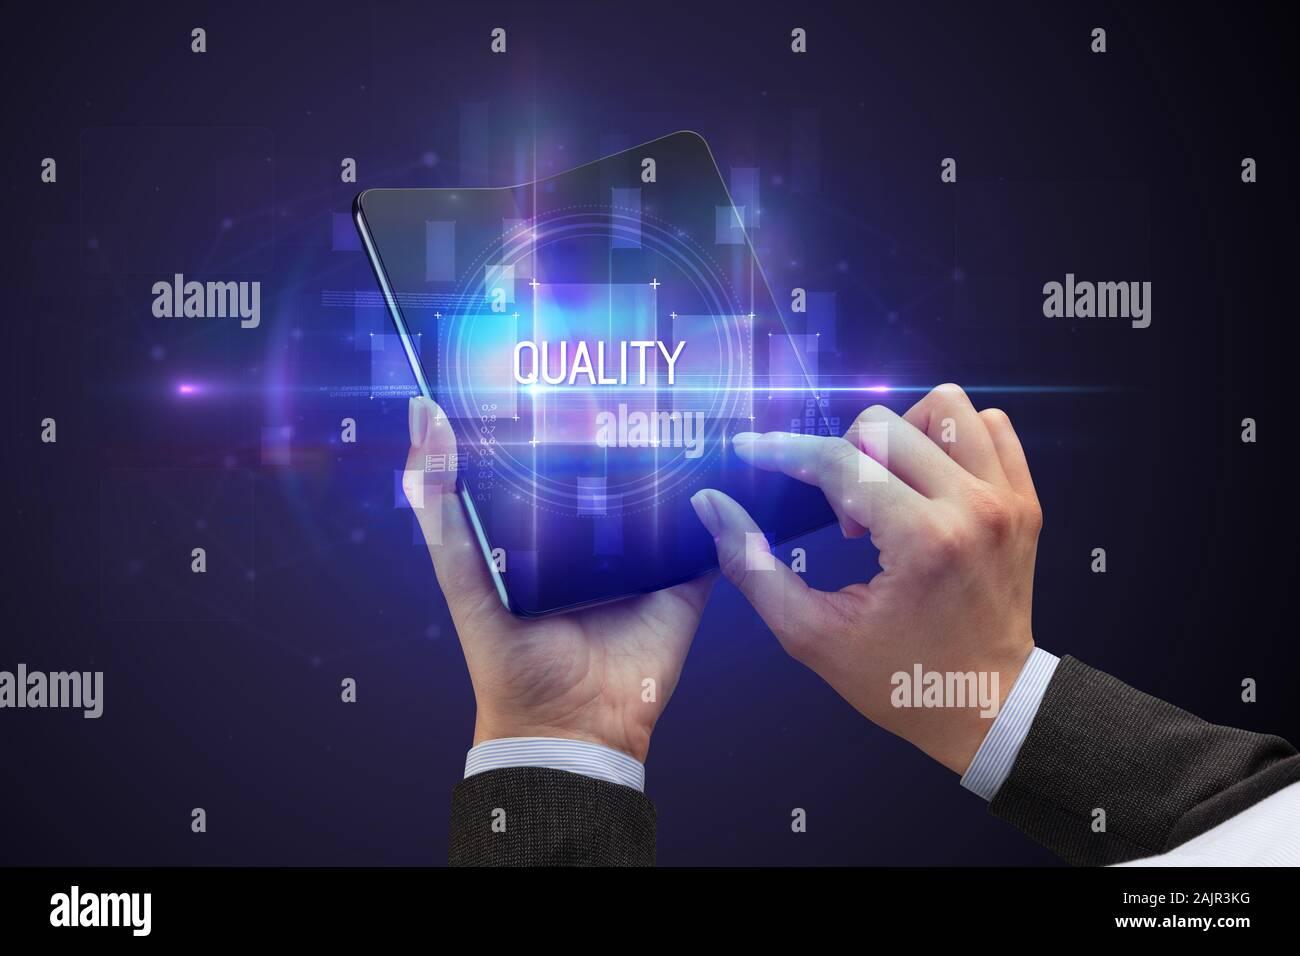 Empresario sosteniendo un smartphone plegable con calidad inscripción, nueva tecnología concepto Foto de stock